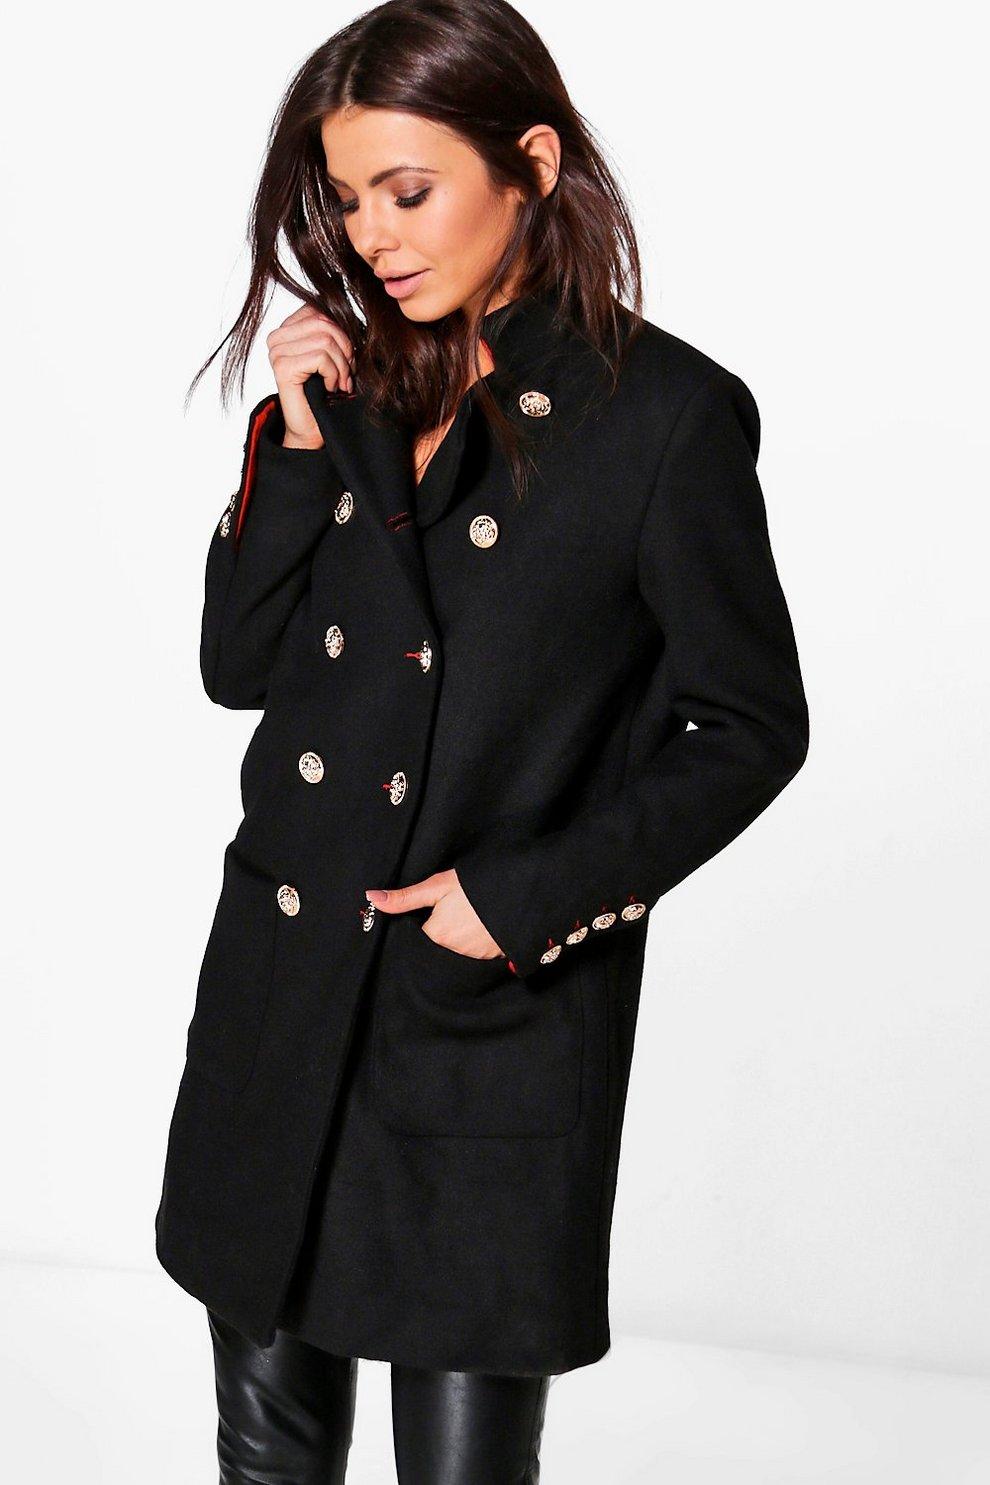 énorme réduction 7c4c2 5fc75 boutique erin manteau militaire en laine à double boutonnage